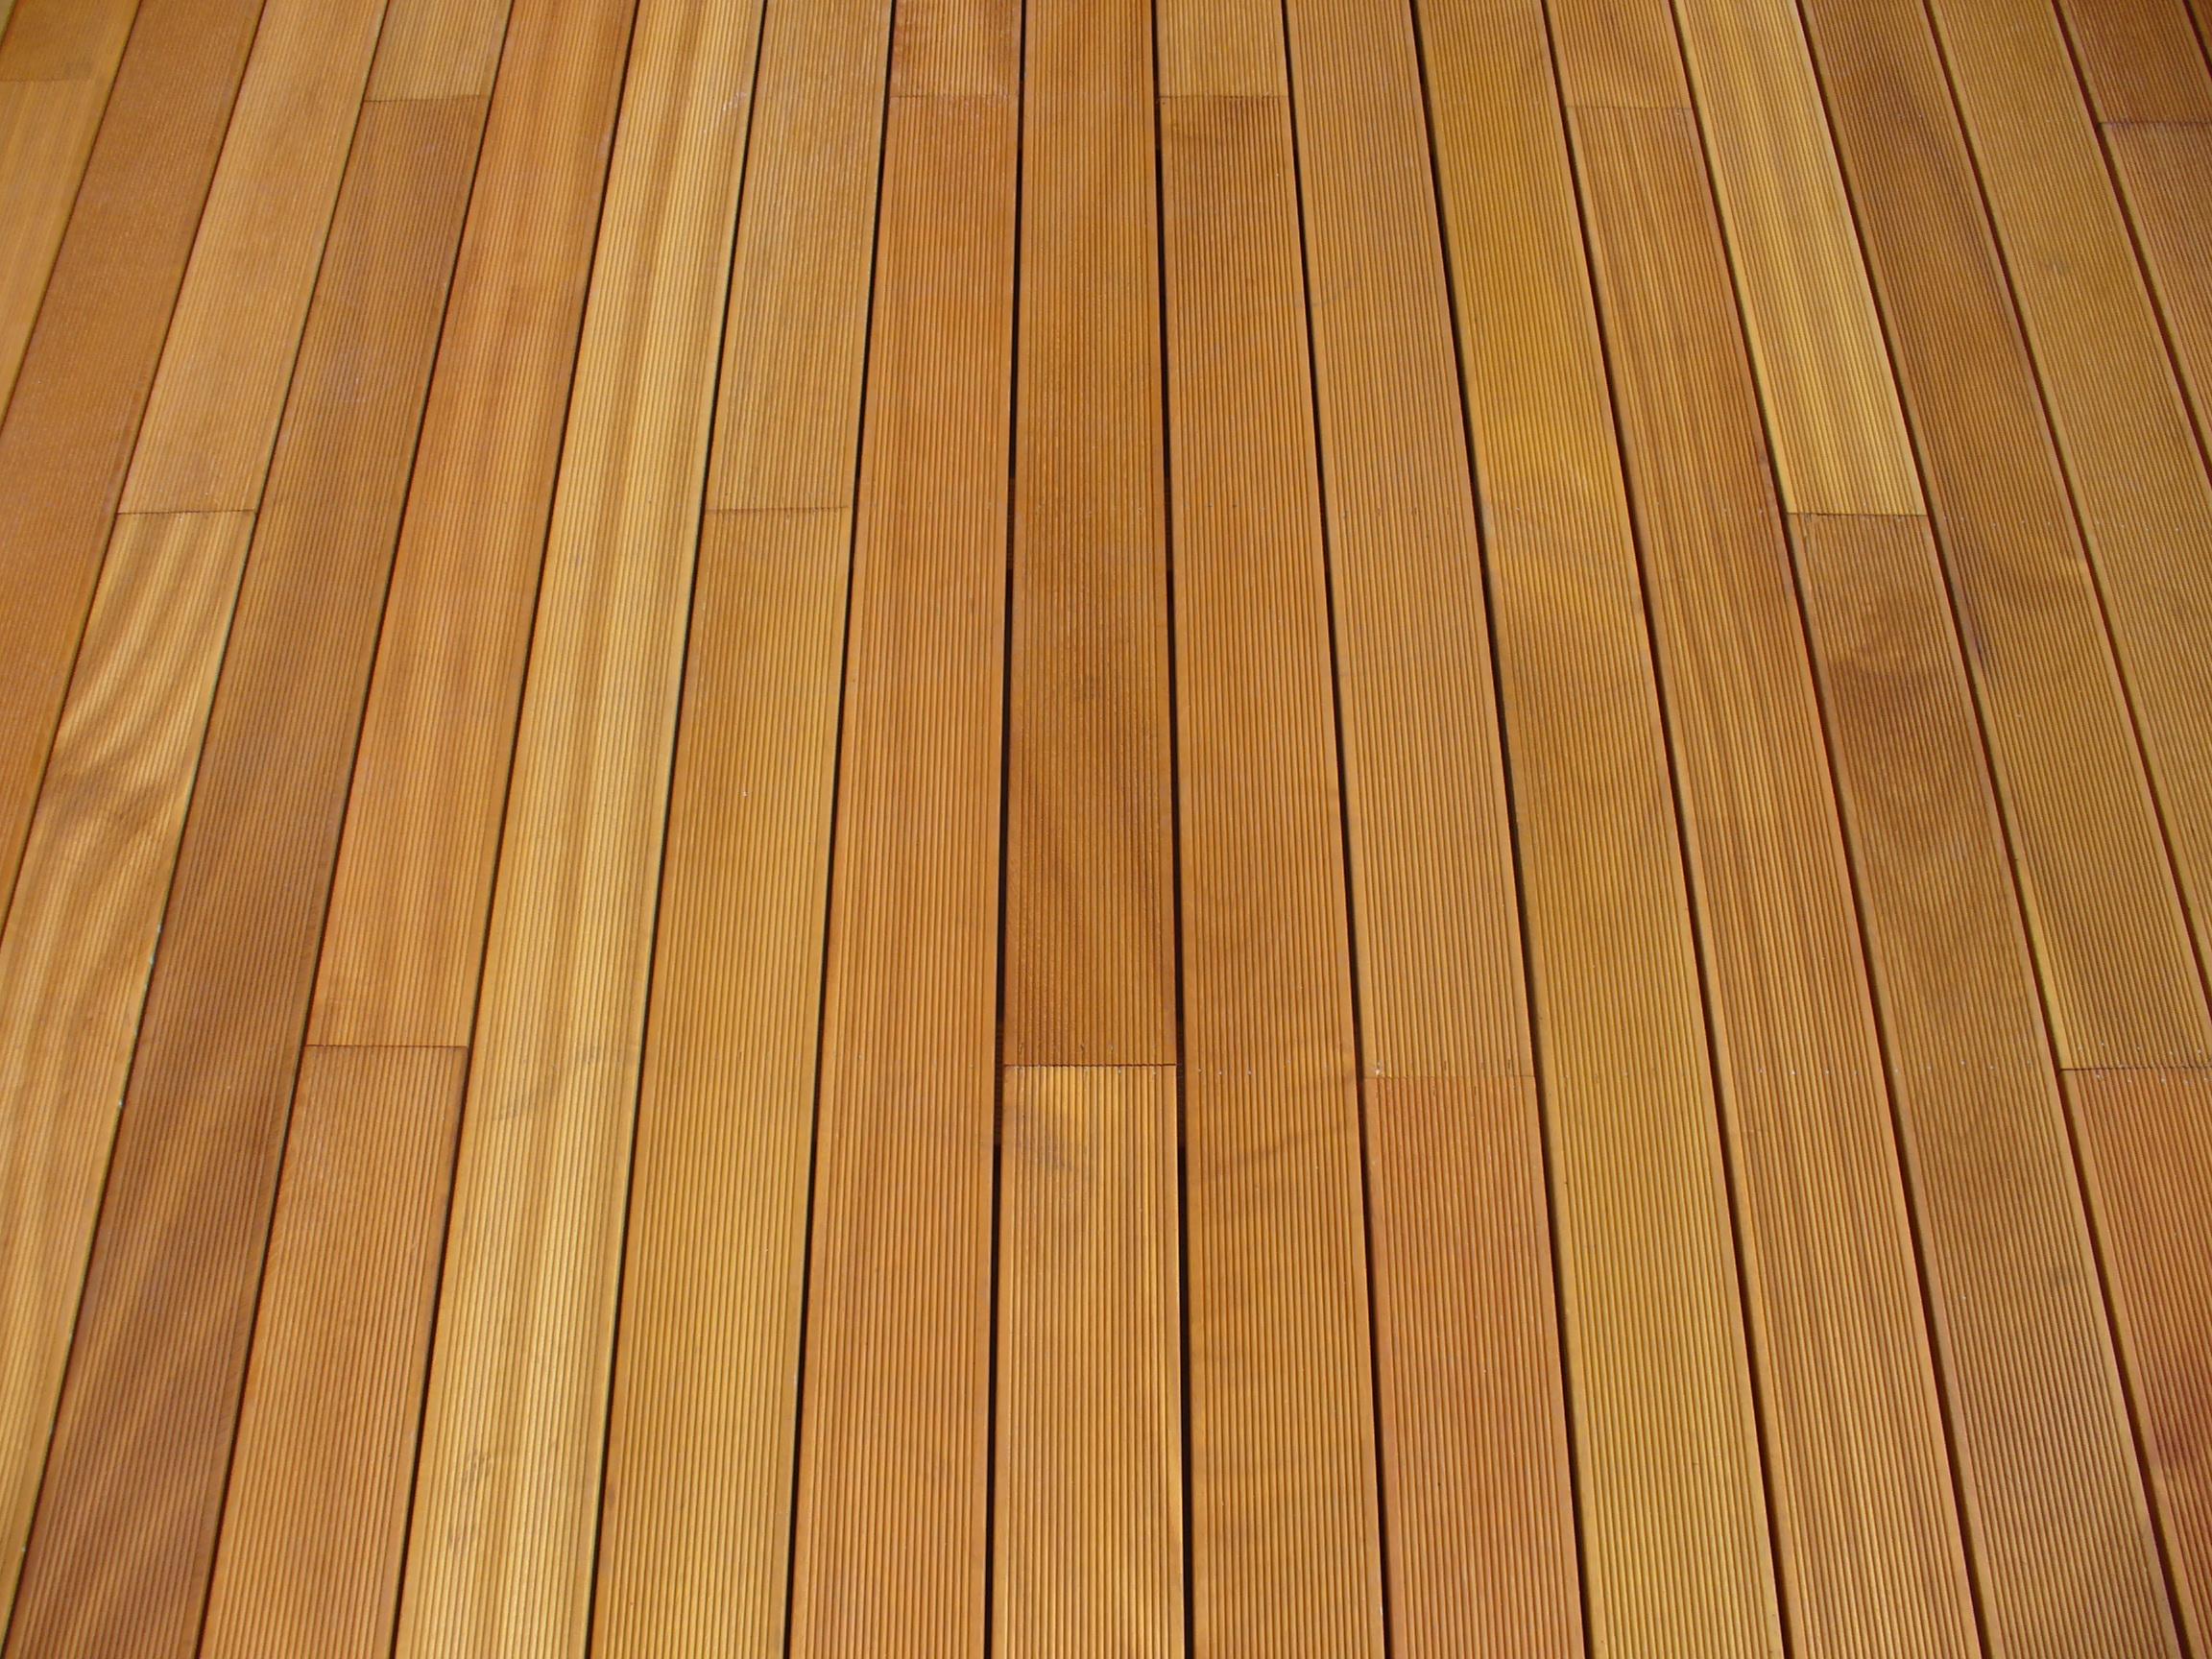 Deck-uri lemn - Guariuba SELVA FLOORS - Poza 31